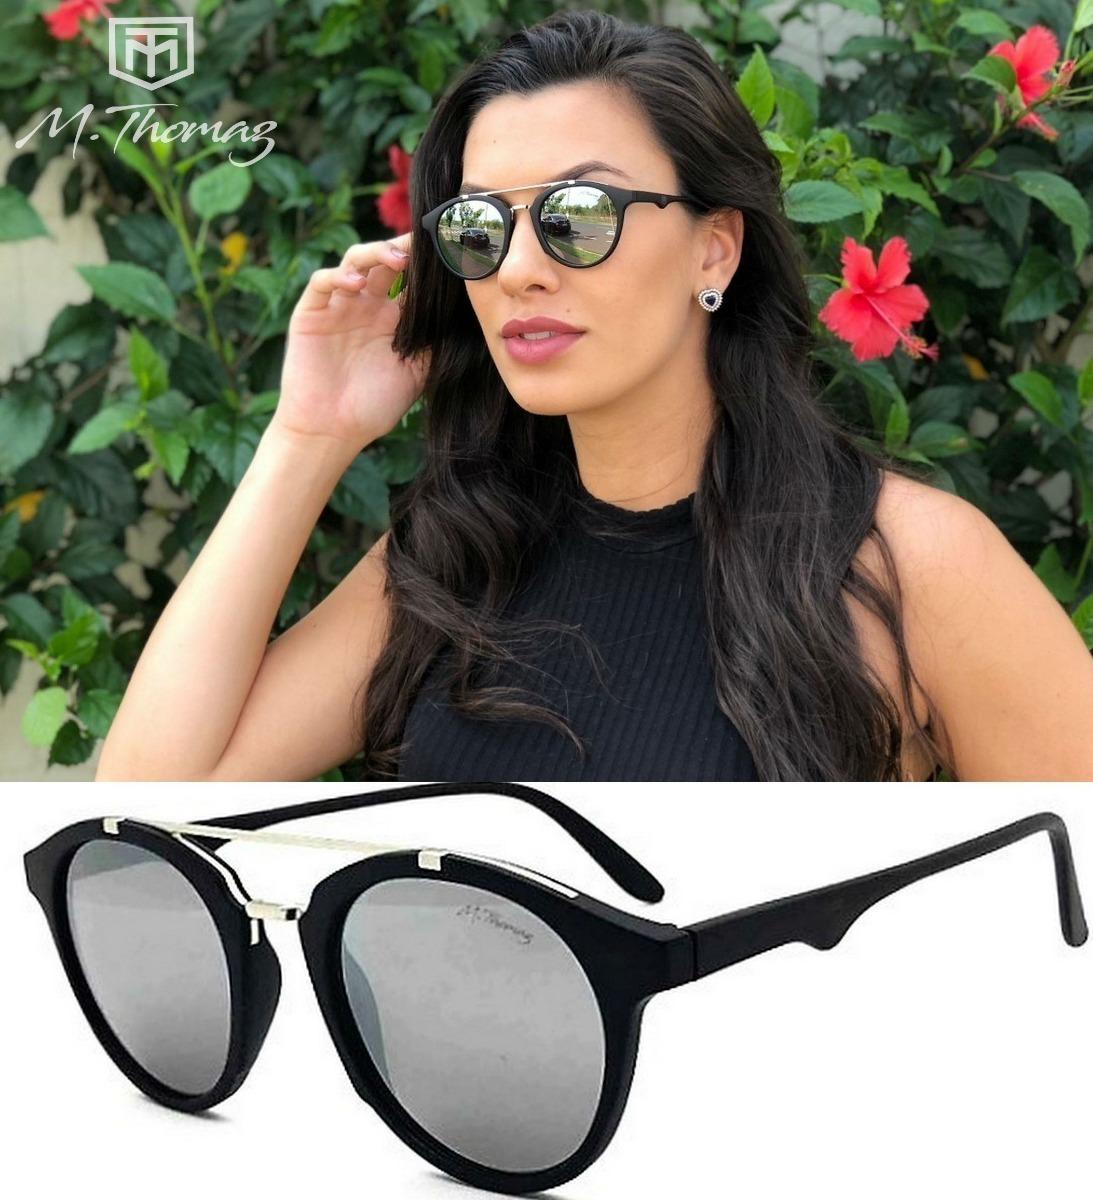 Oculos De Sol Solar M.thomaz Mt50 Uv400 Espelhado - R  67,00 em ... 10ed0732b7